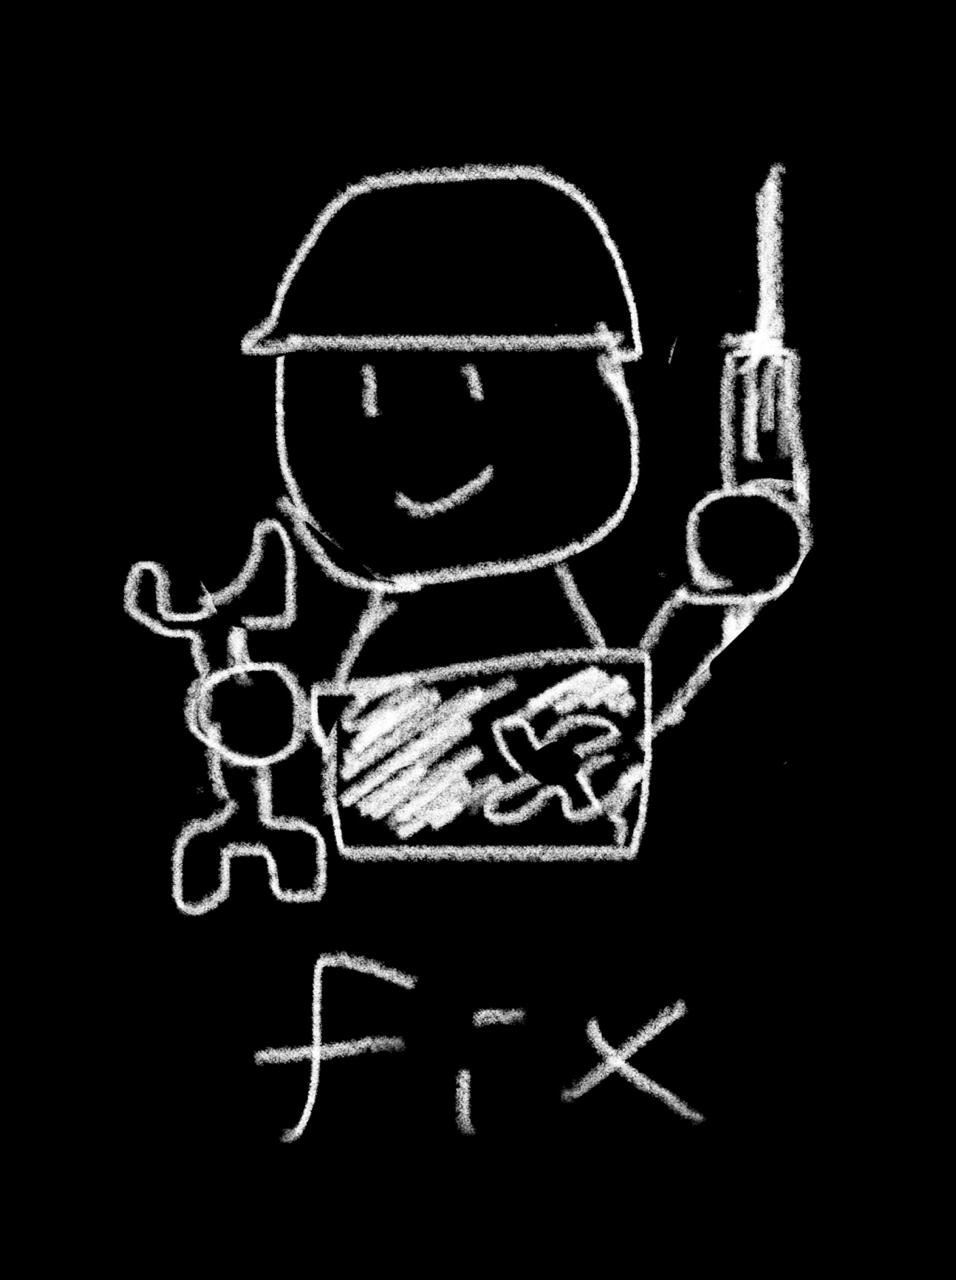 意味 fix